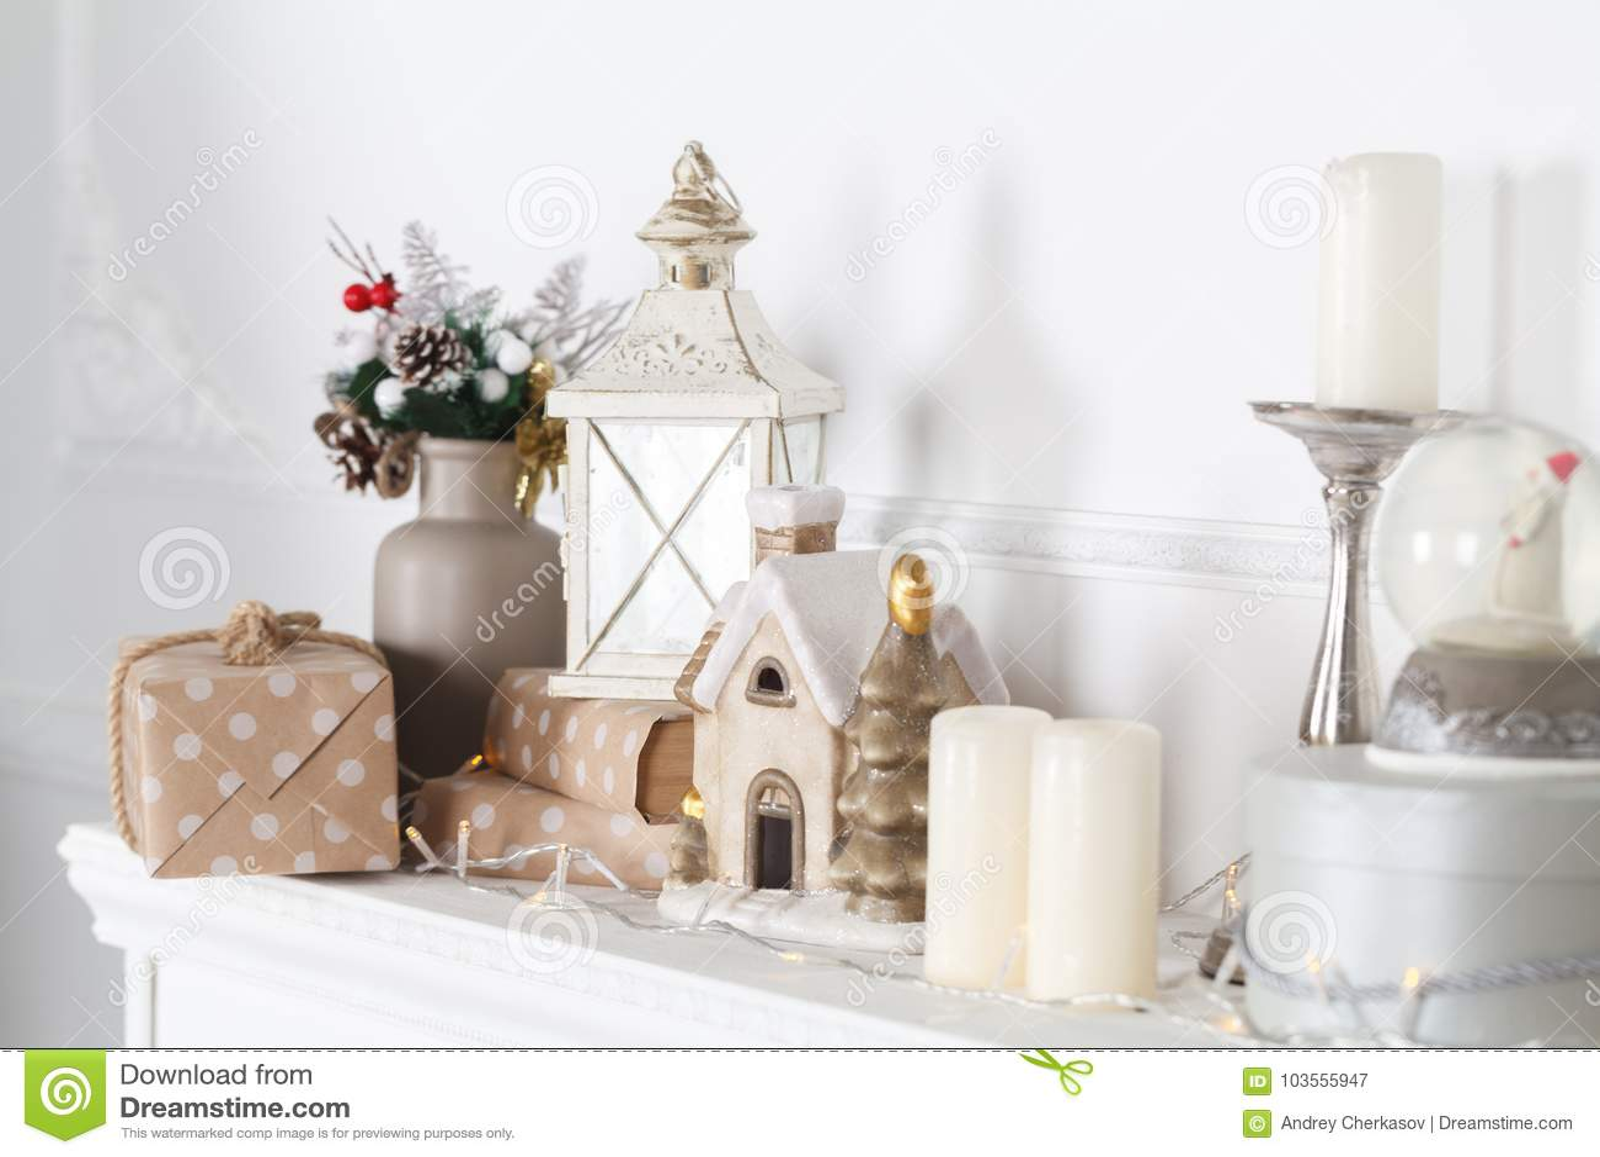 Ο μανδύας εστιών είναι διακοσμημένος για τα Χριστούγεννα με τη γιρλάντα, τα φω τα, ένα τόξο και άλλες διακοσμήσεις